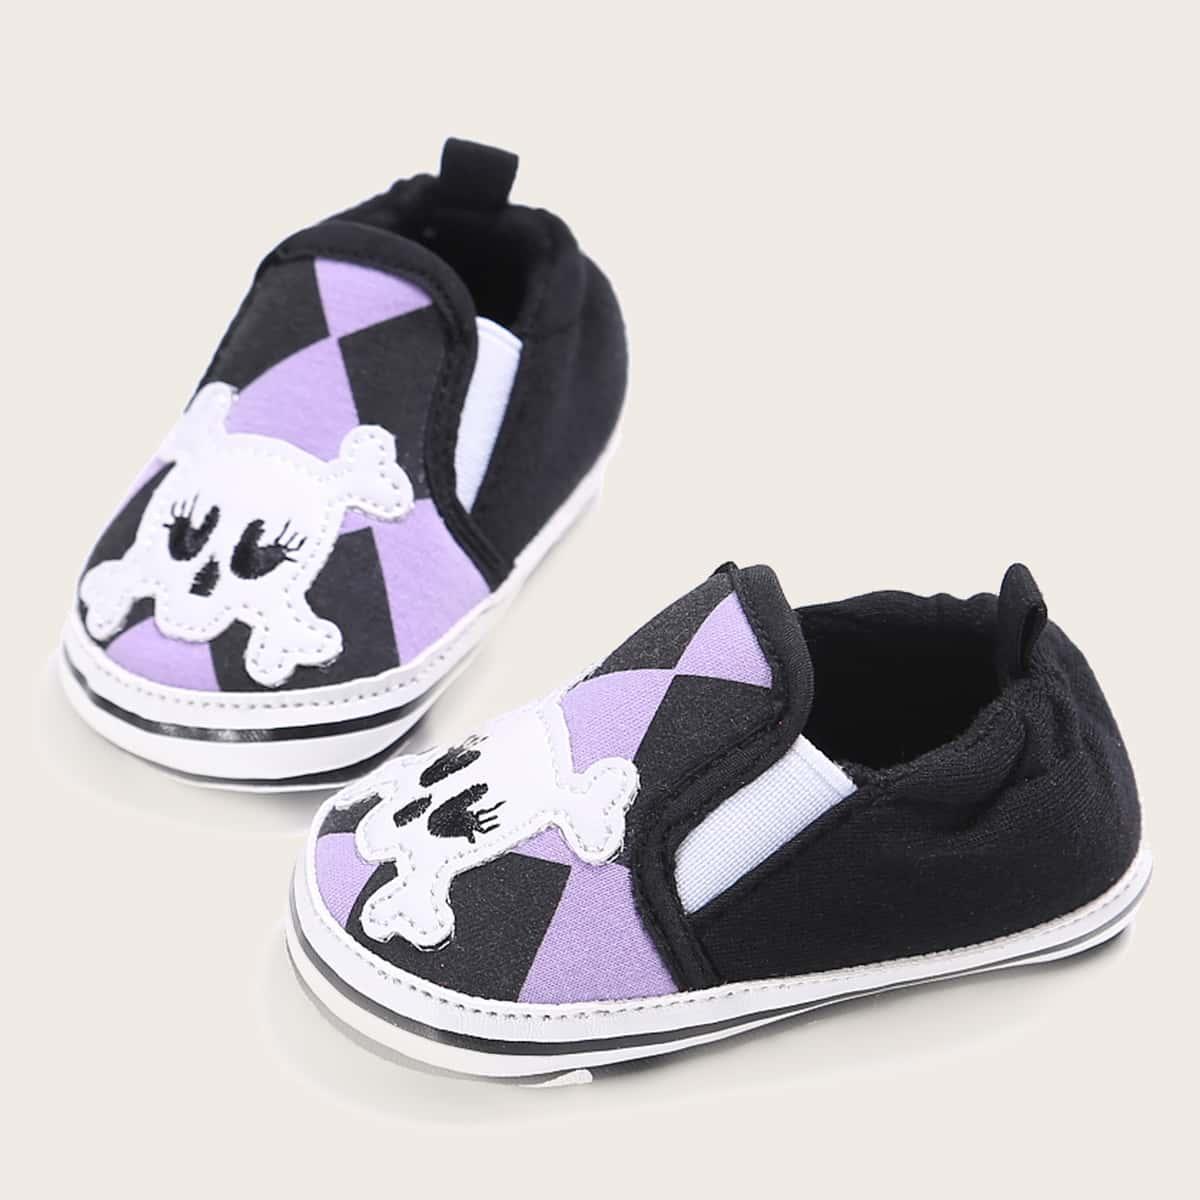 SHEIN Baby Boy Skull grafische instapsneakers